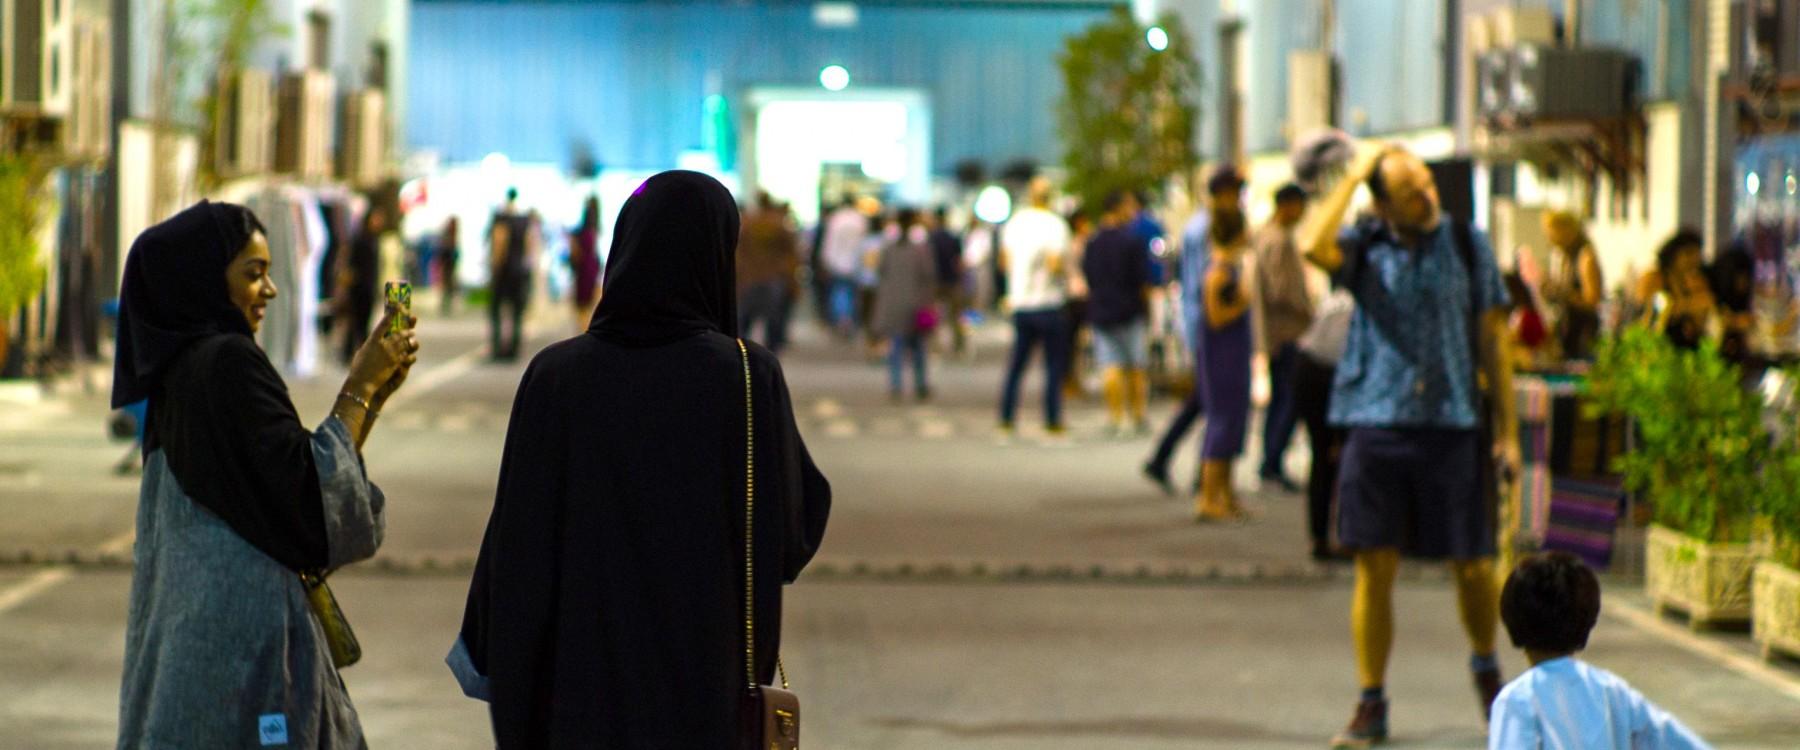 alserkal-lates-luxe-list-ramadan-the-luxe-diary